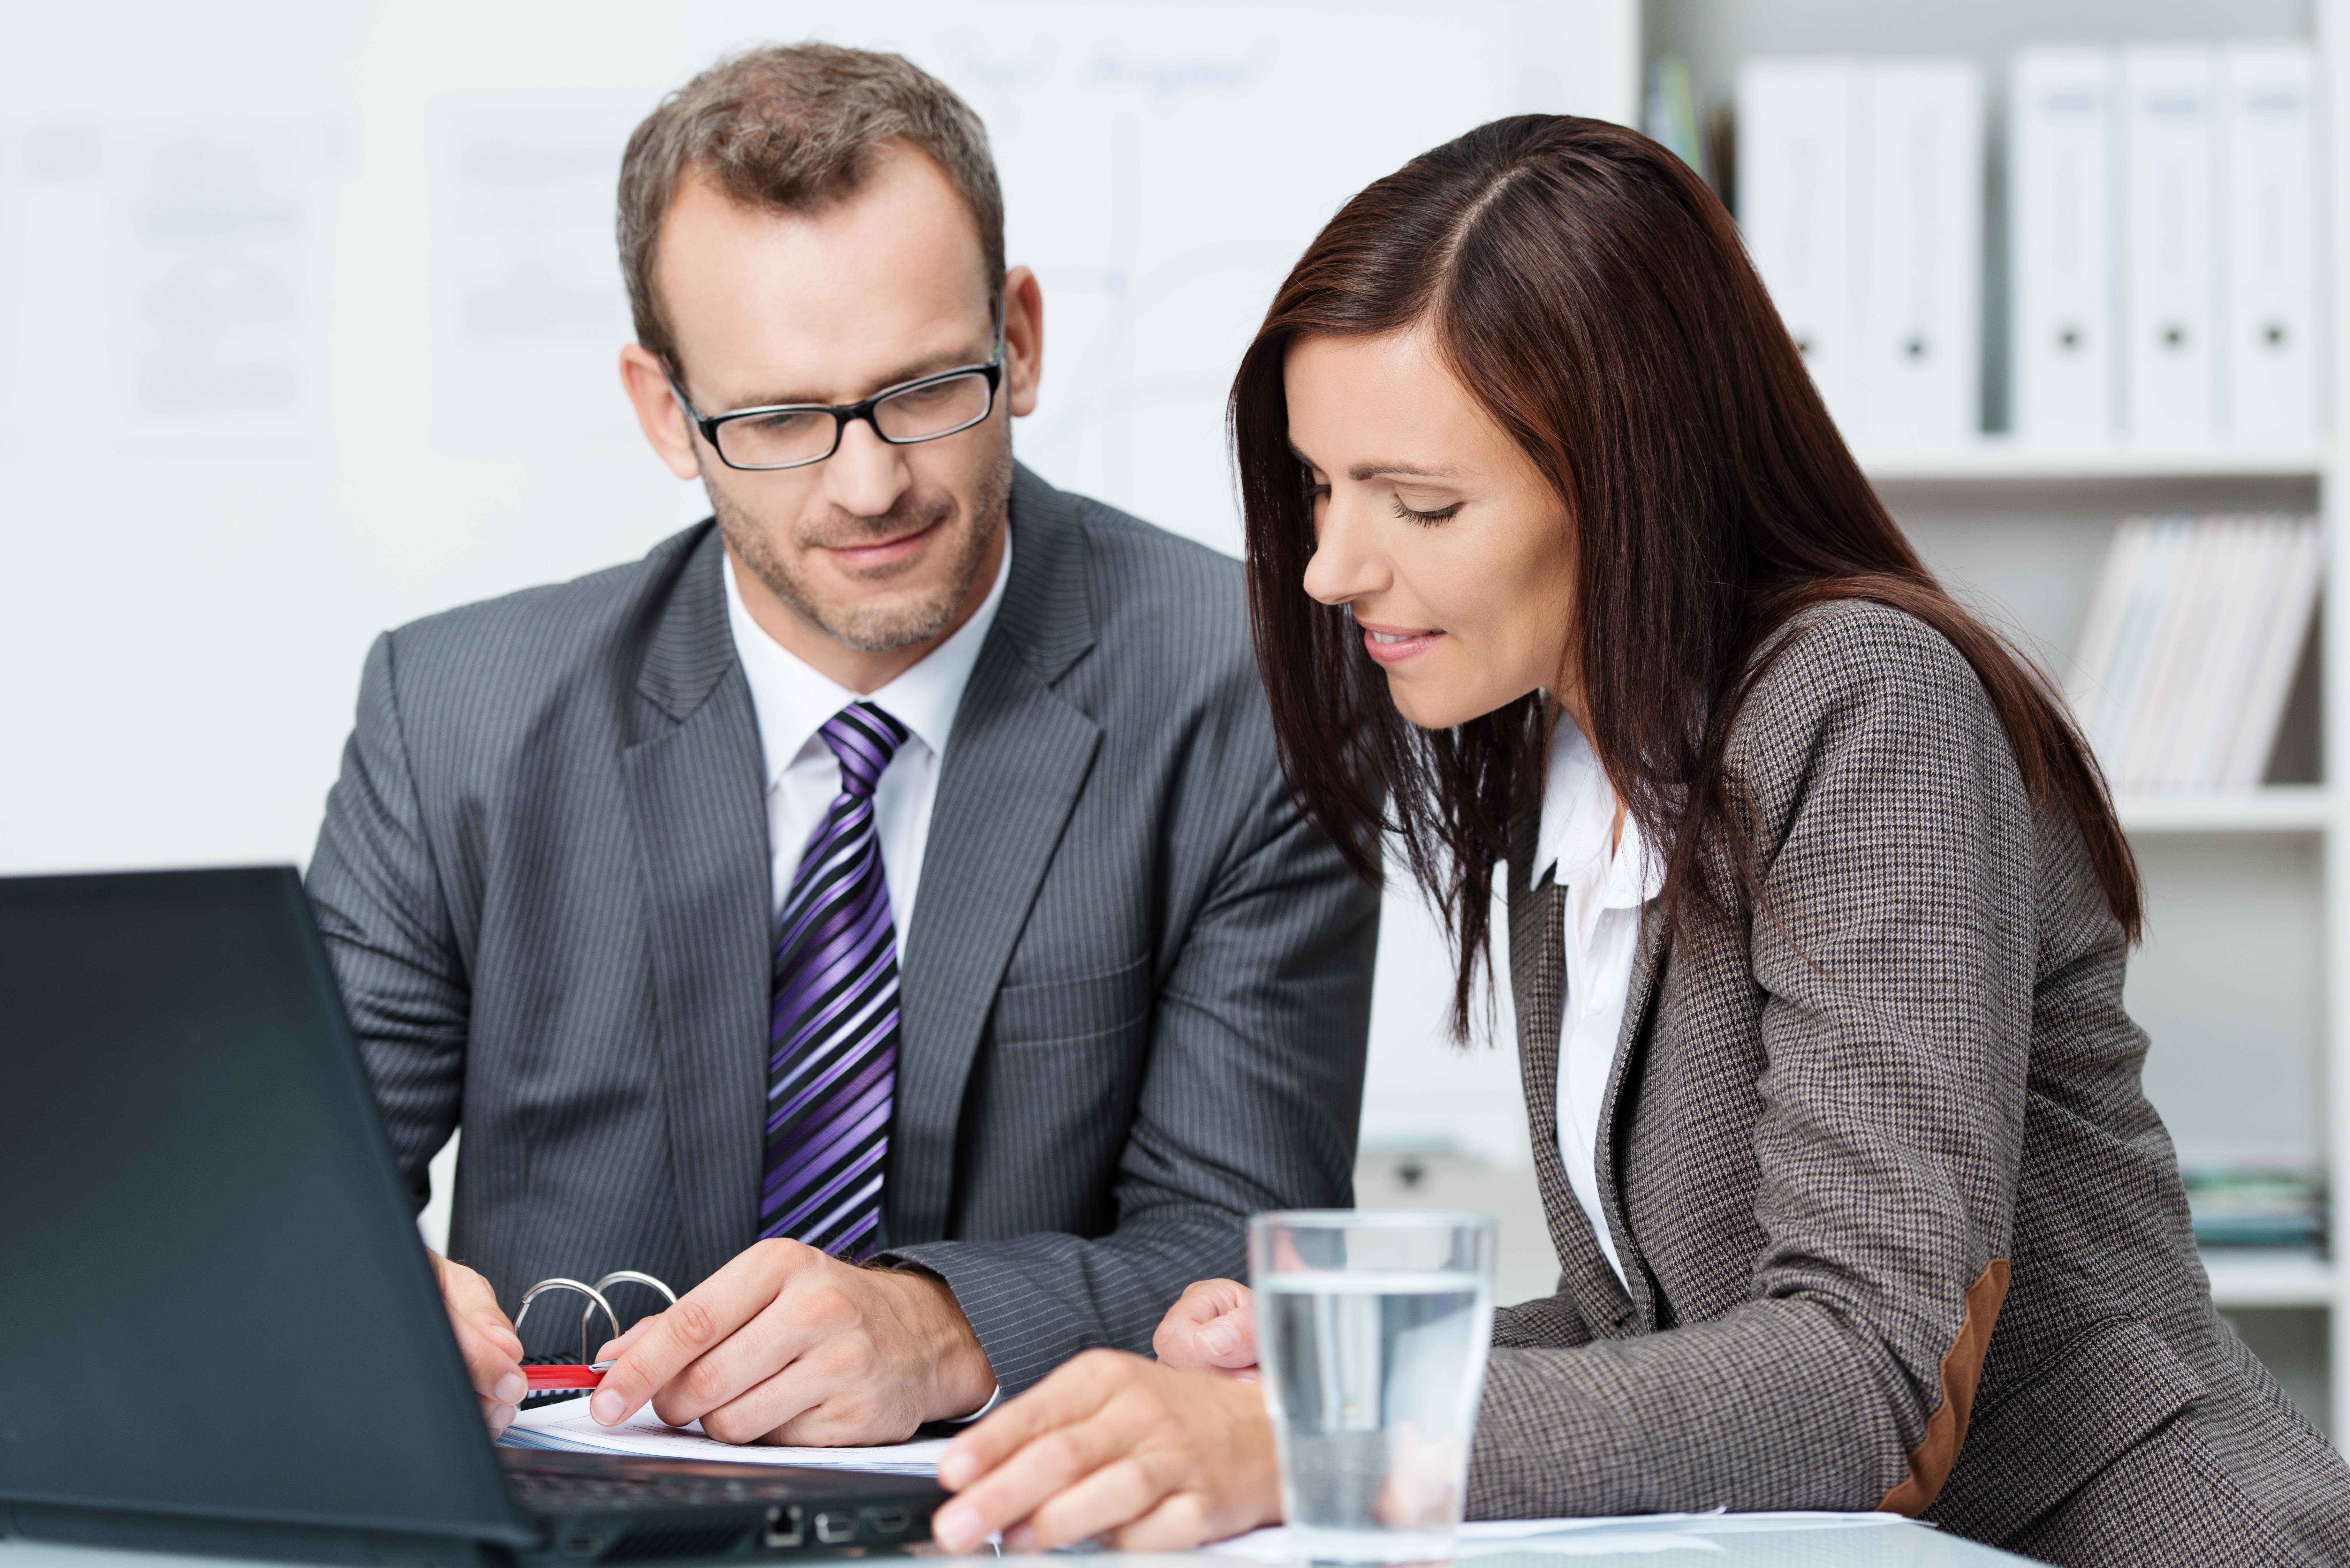 executive-meeting